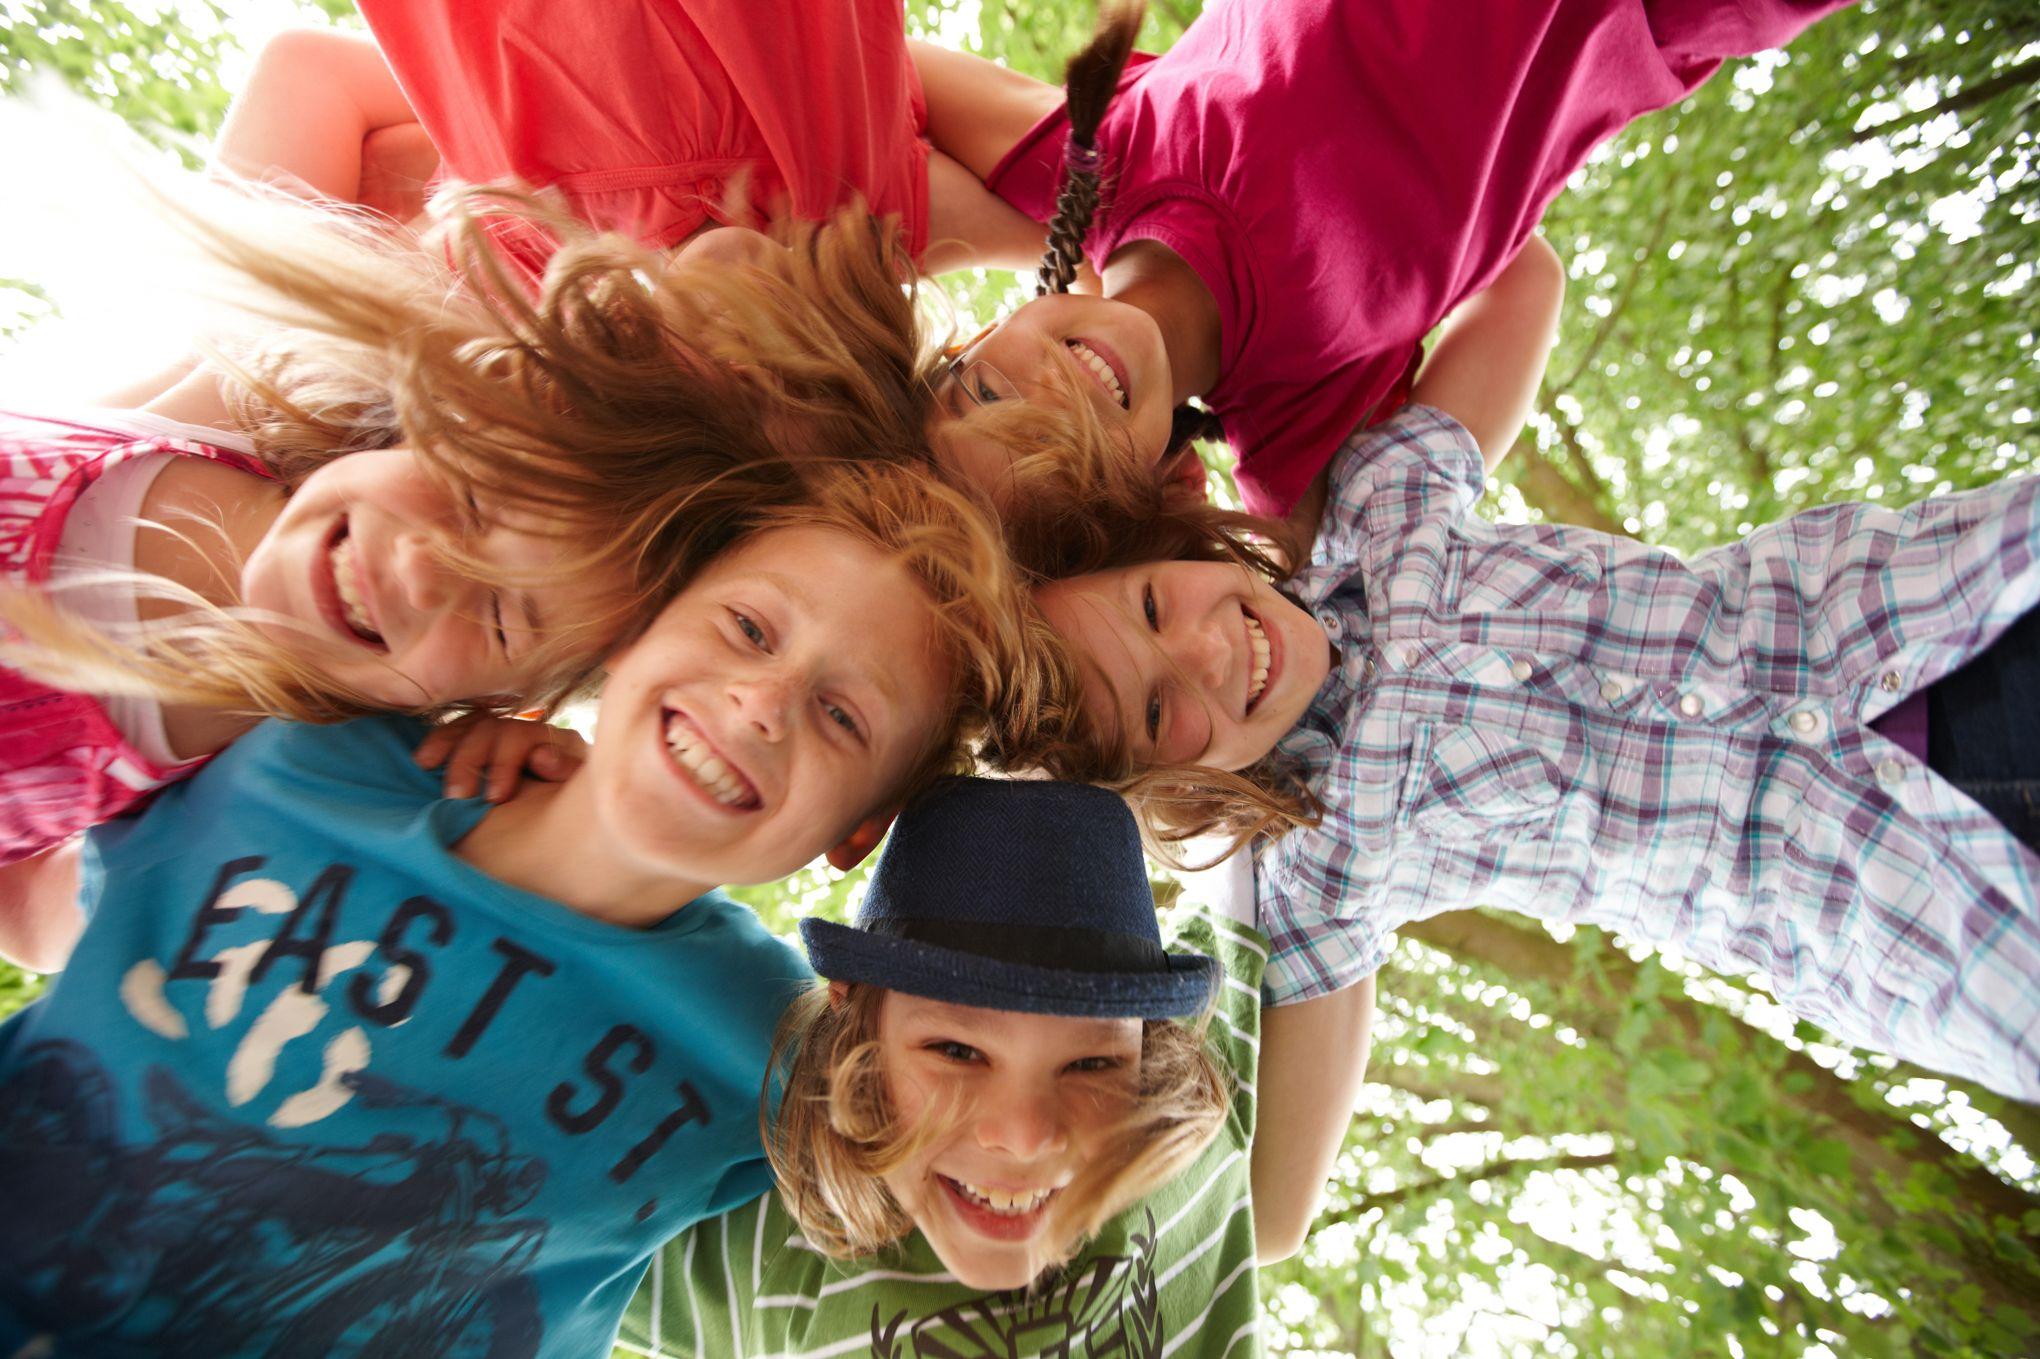 Haro sur les jeux dangereux qui menacent la vie des enfants